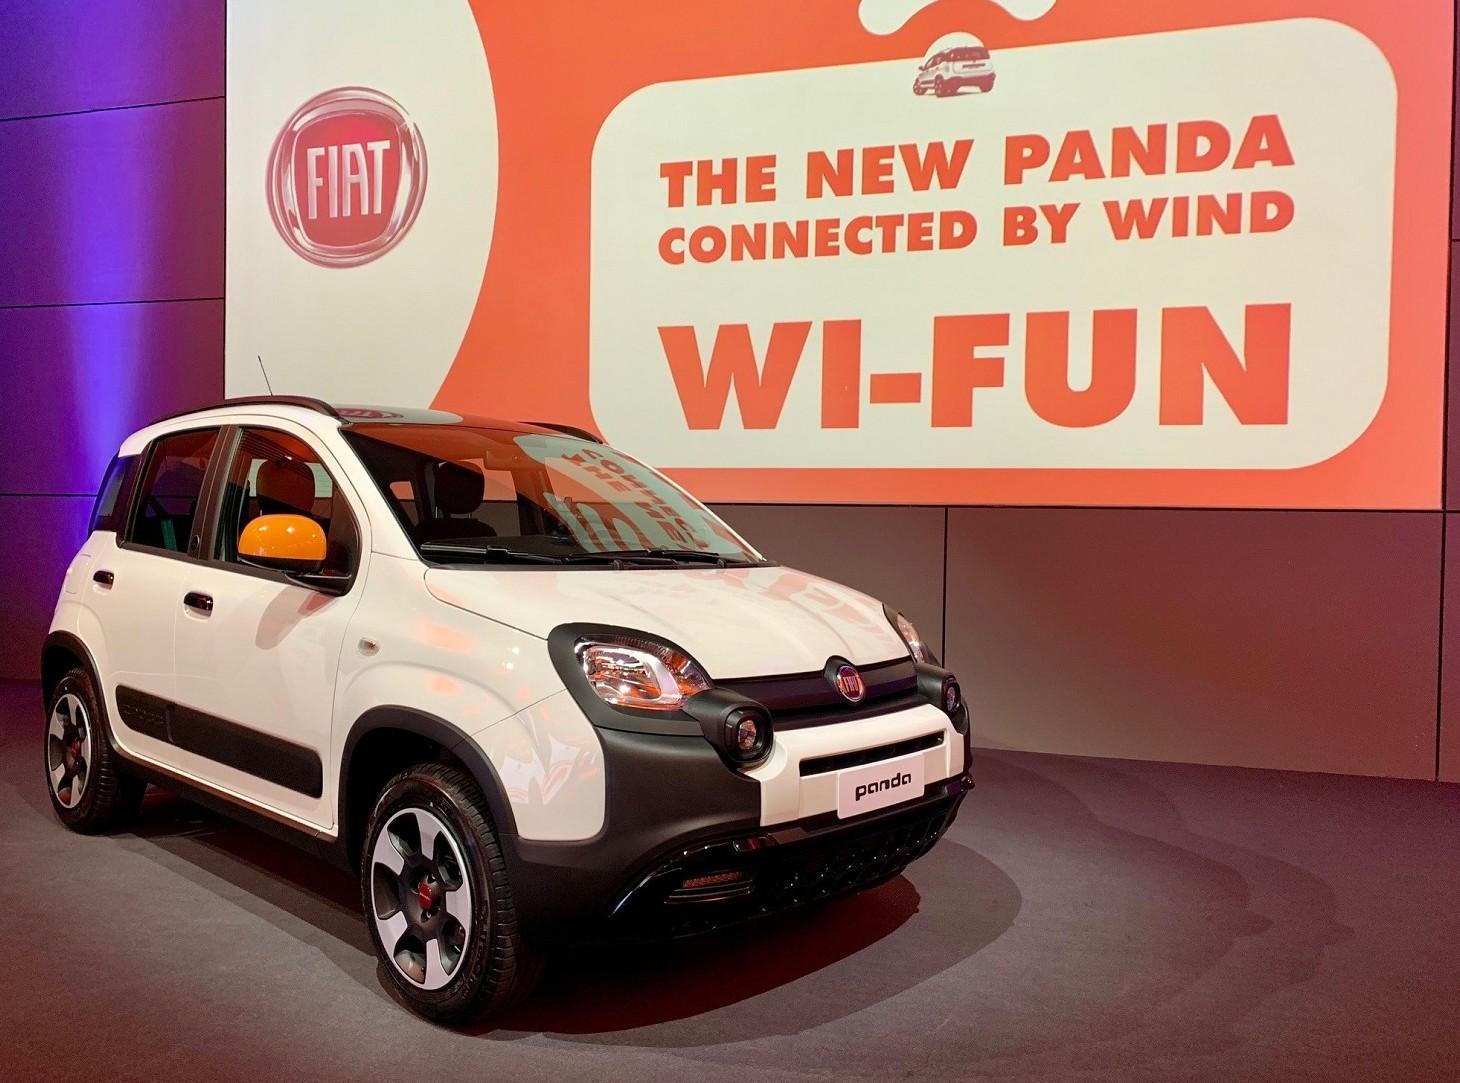 Fiat Panda nuovo modello sempre connesso